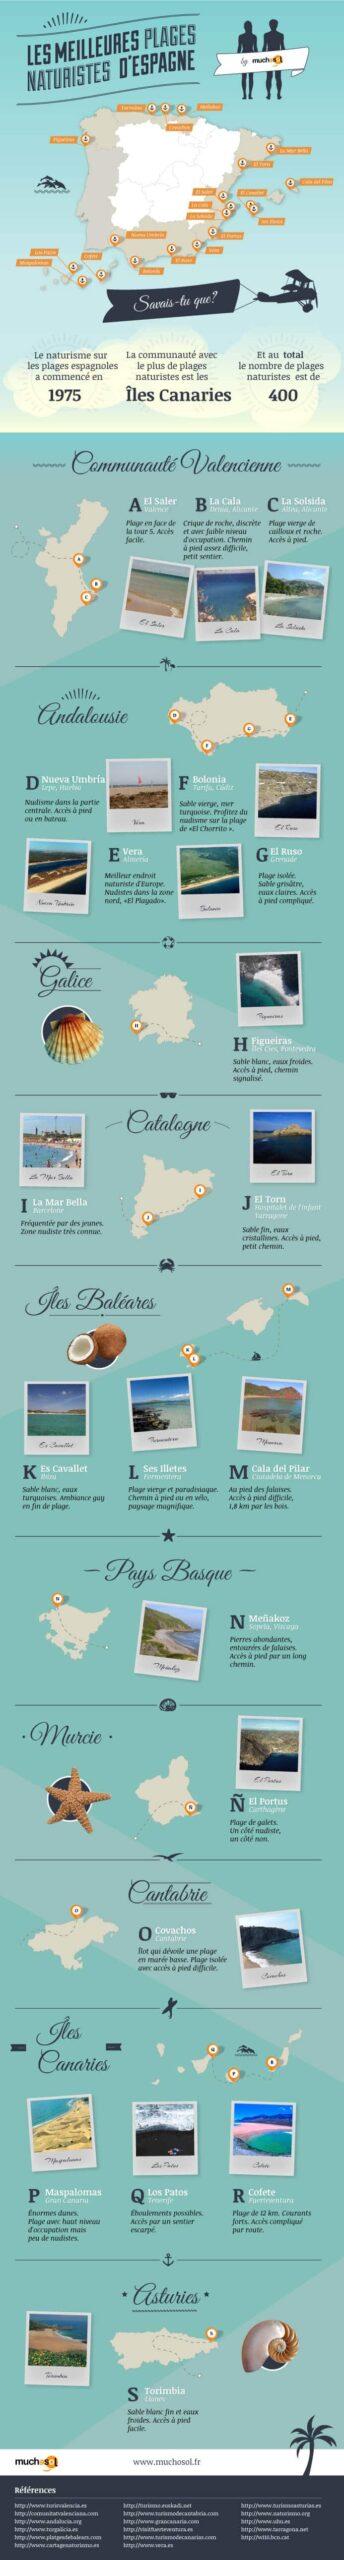 Les meilleures plages naturistes ou nudistes d'Espagne, infographie